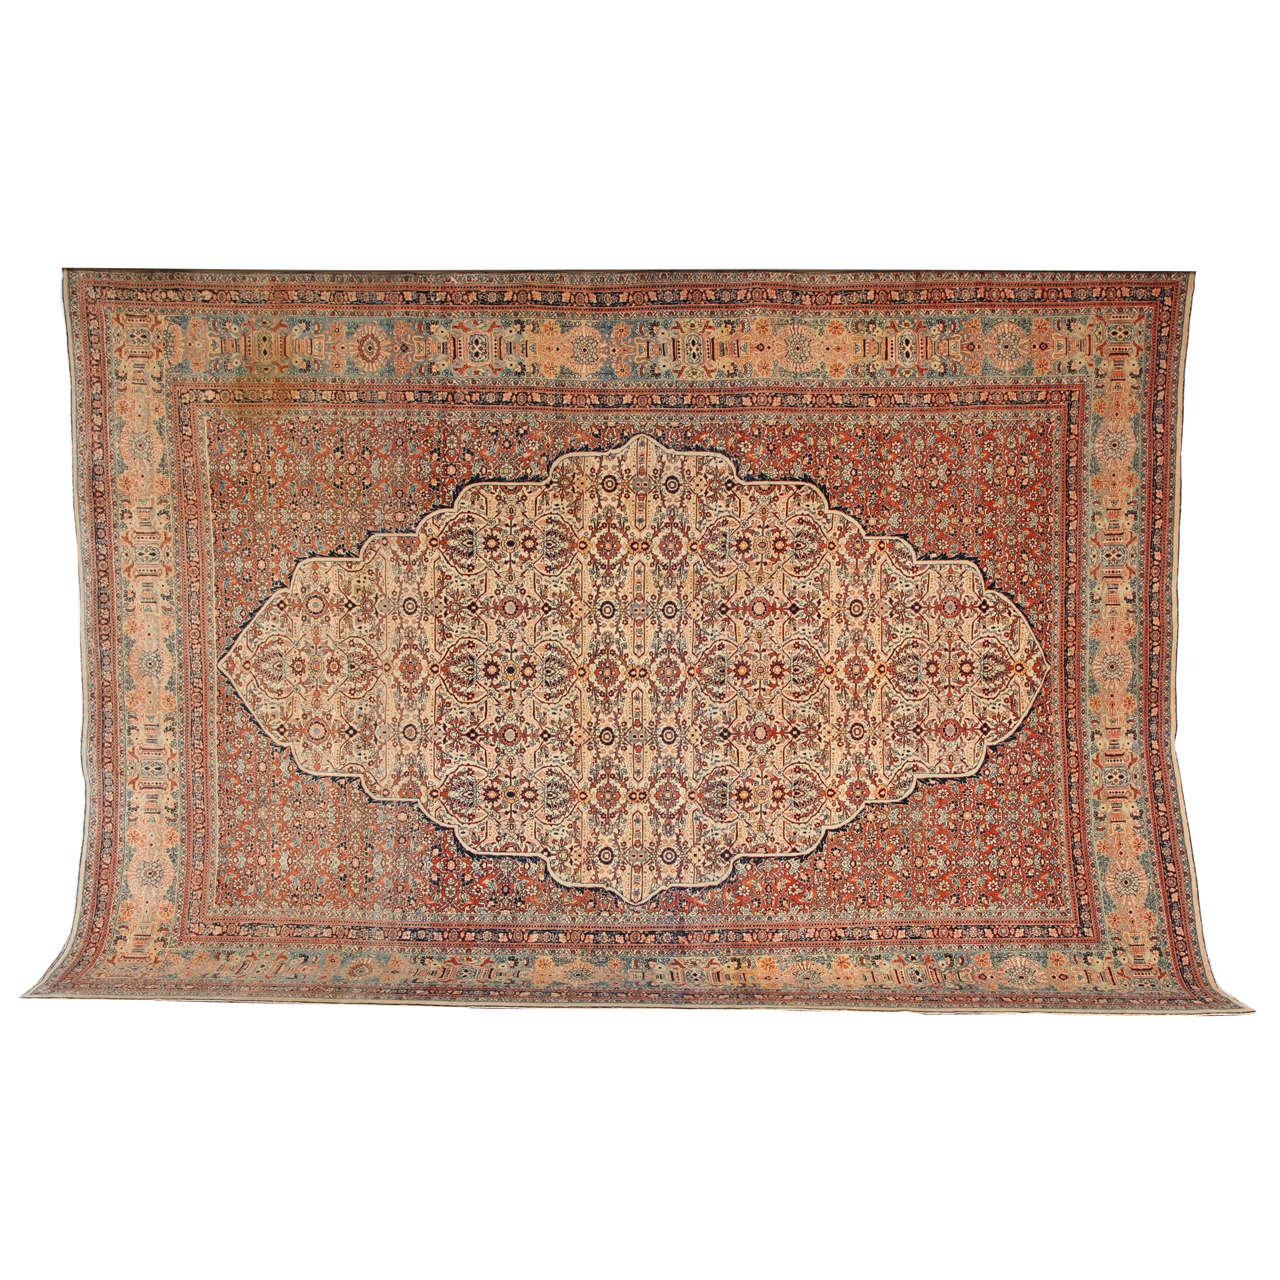 Persian Haji Jalili Tabriz Carpet, circa 1890